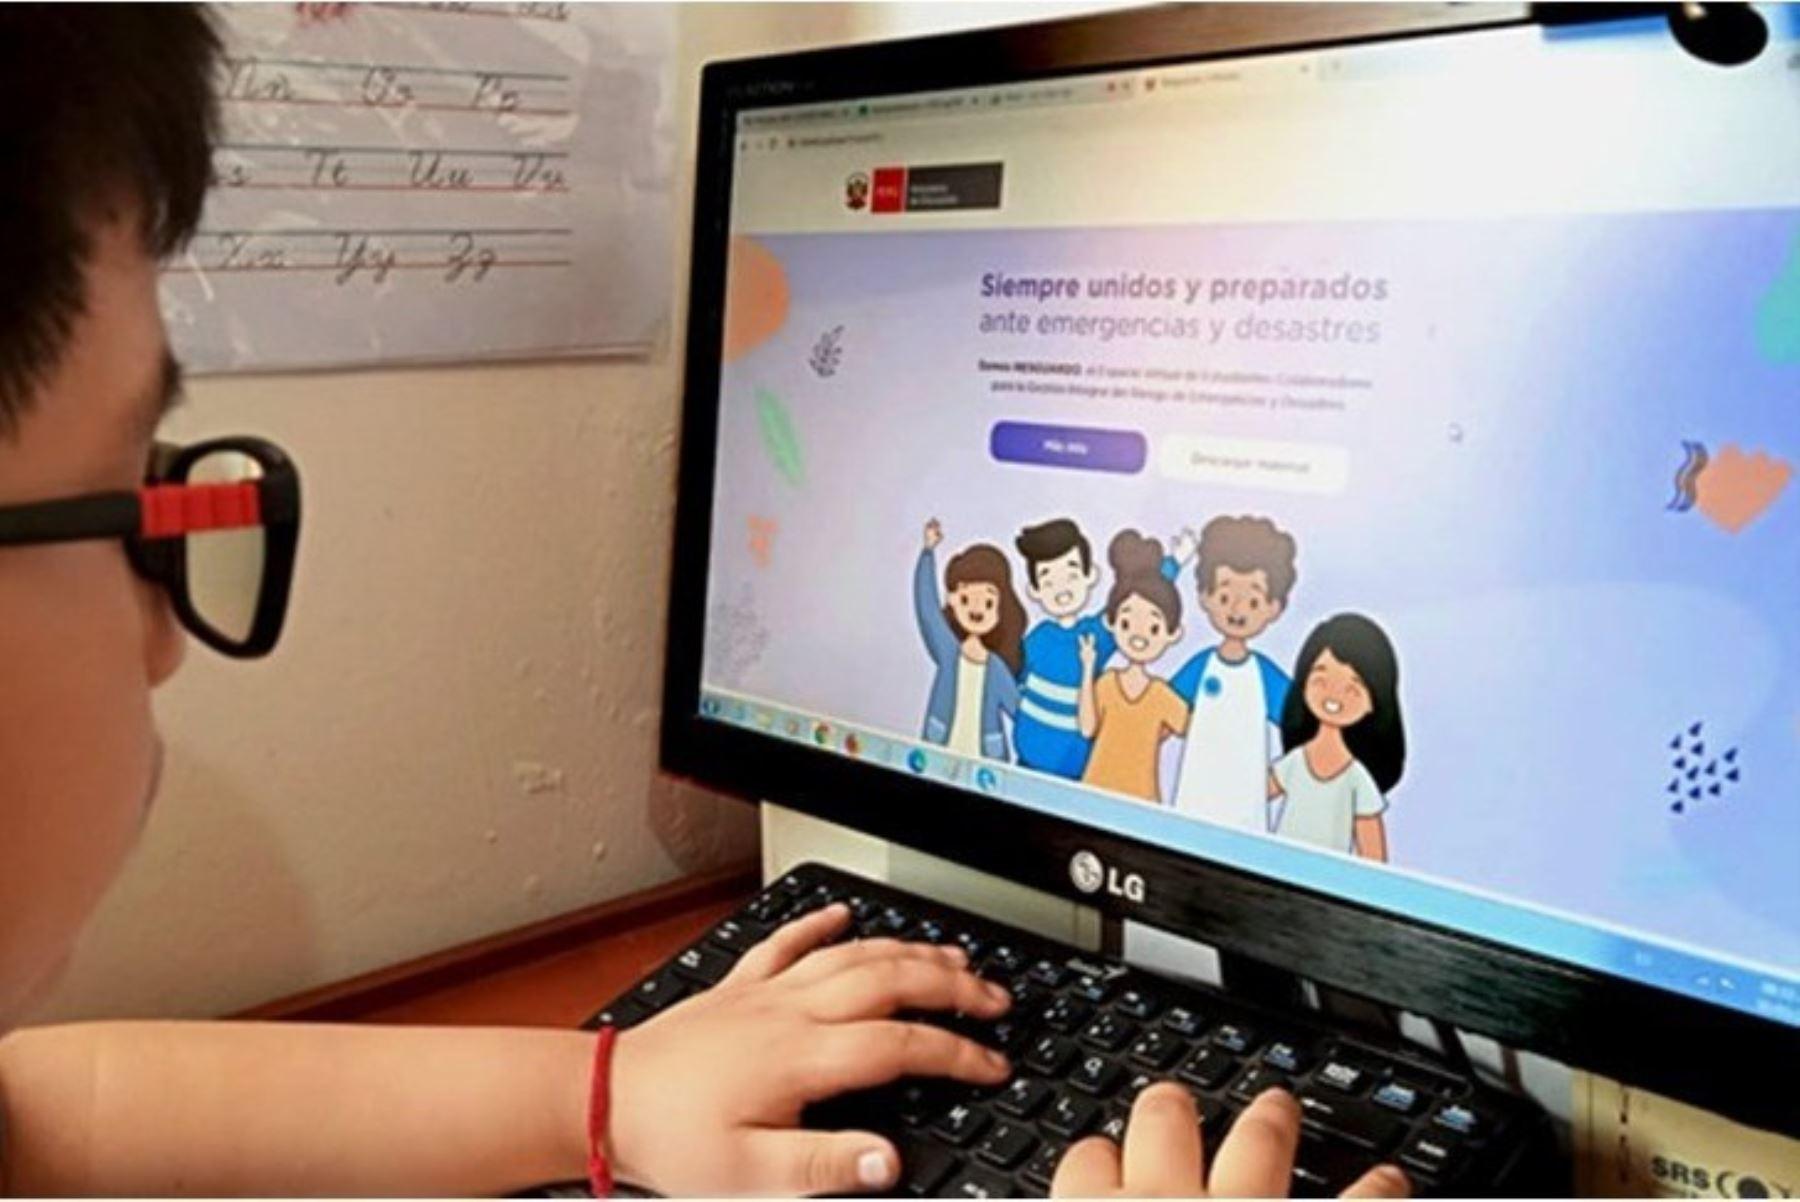 Estudiantes difundirán iniciativas ante emergencias y desastres en web del Minedu. Foto: ANDINA/Difusión.